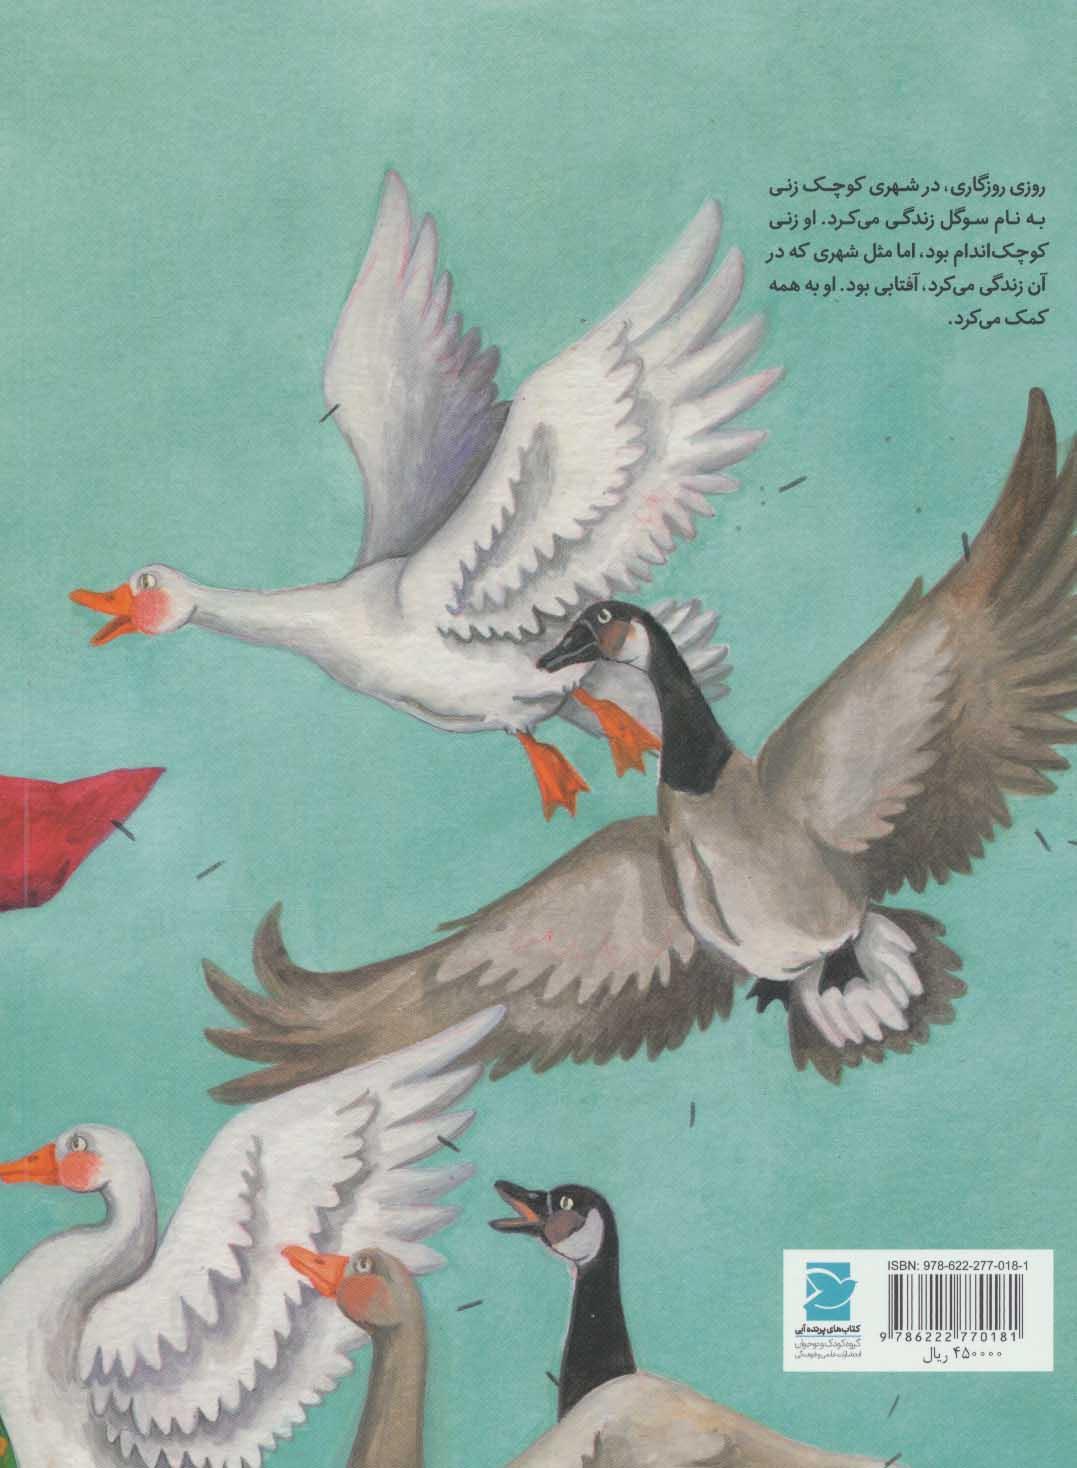 سولماز و سوگل (داستانی از ترکیه،دنیا خانه ی من است)،(گلاسه)